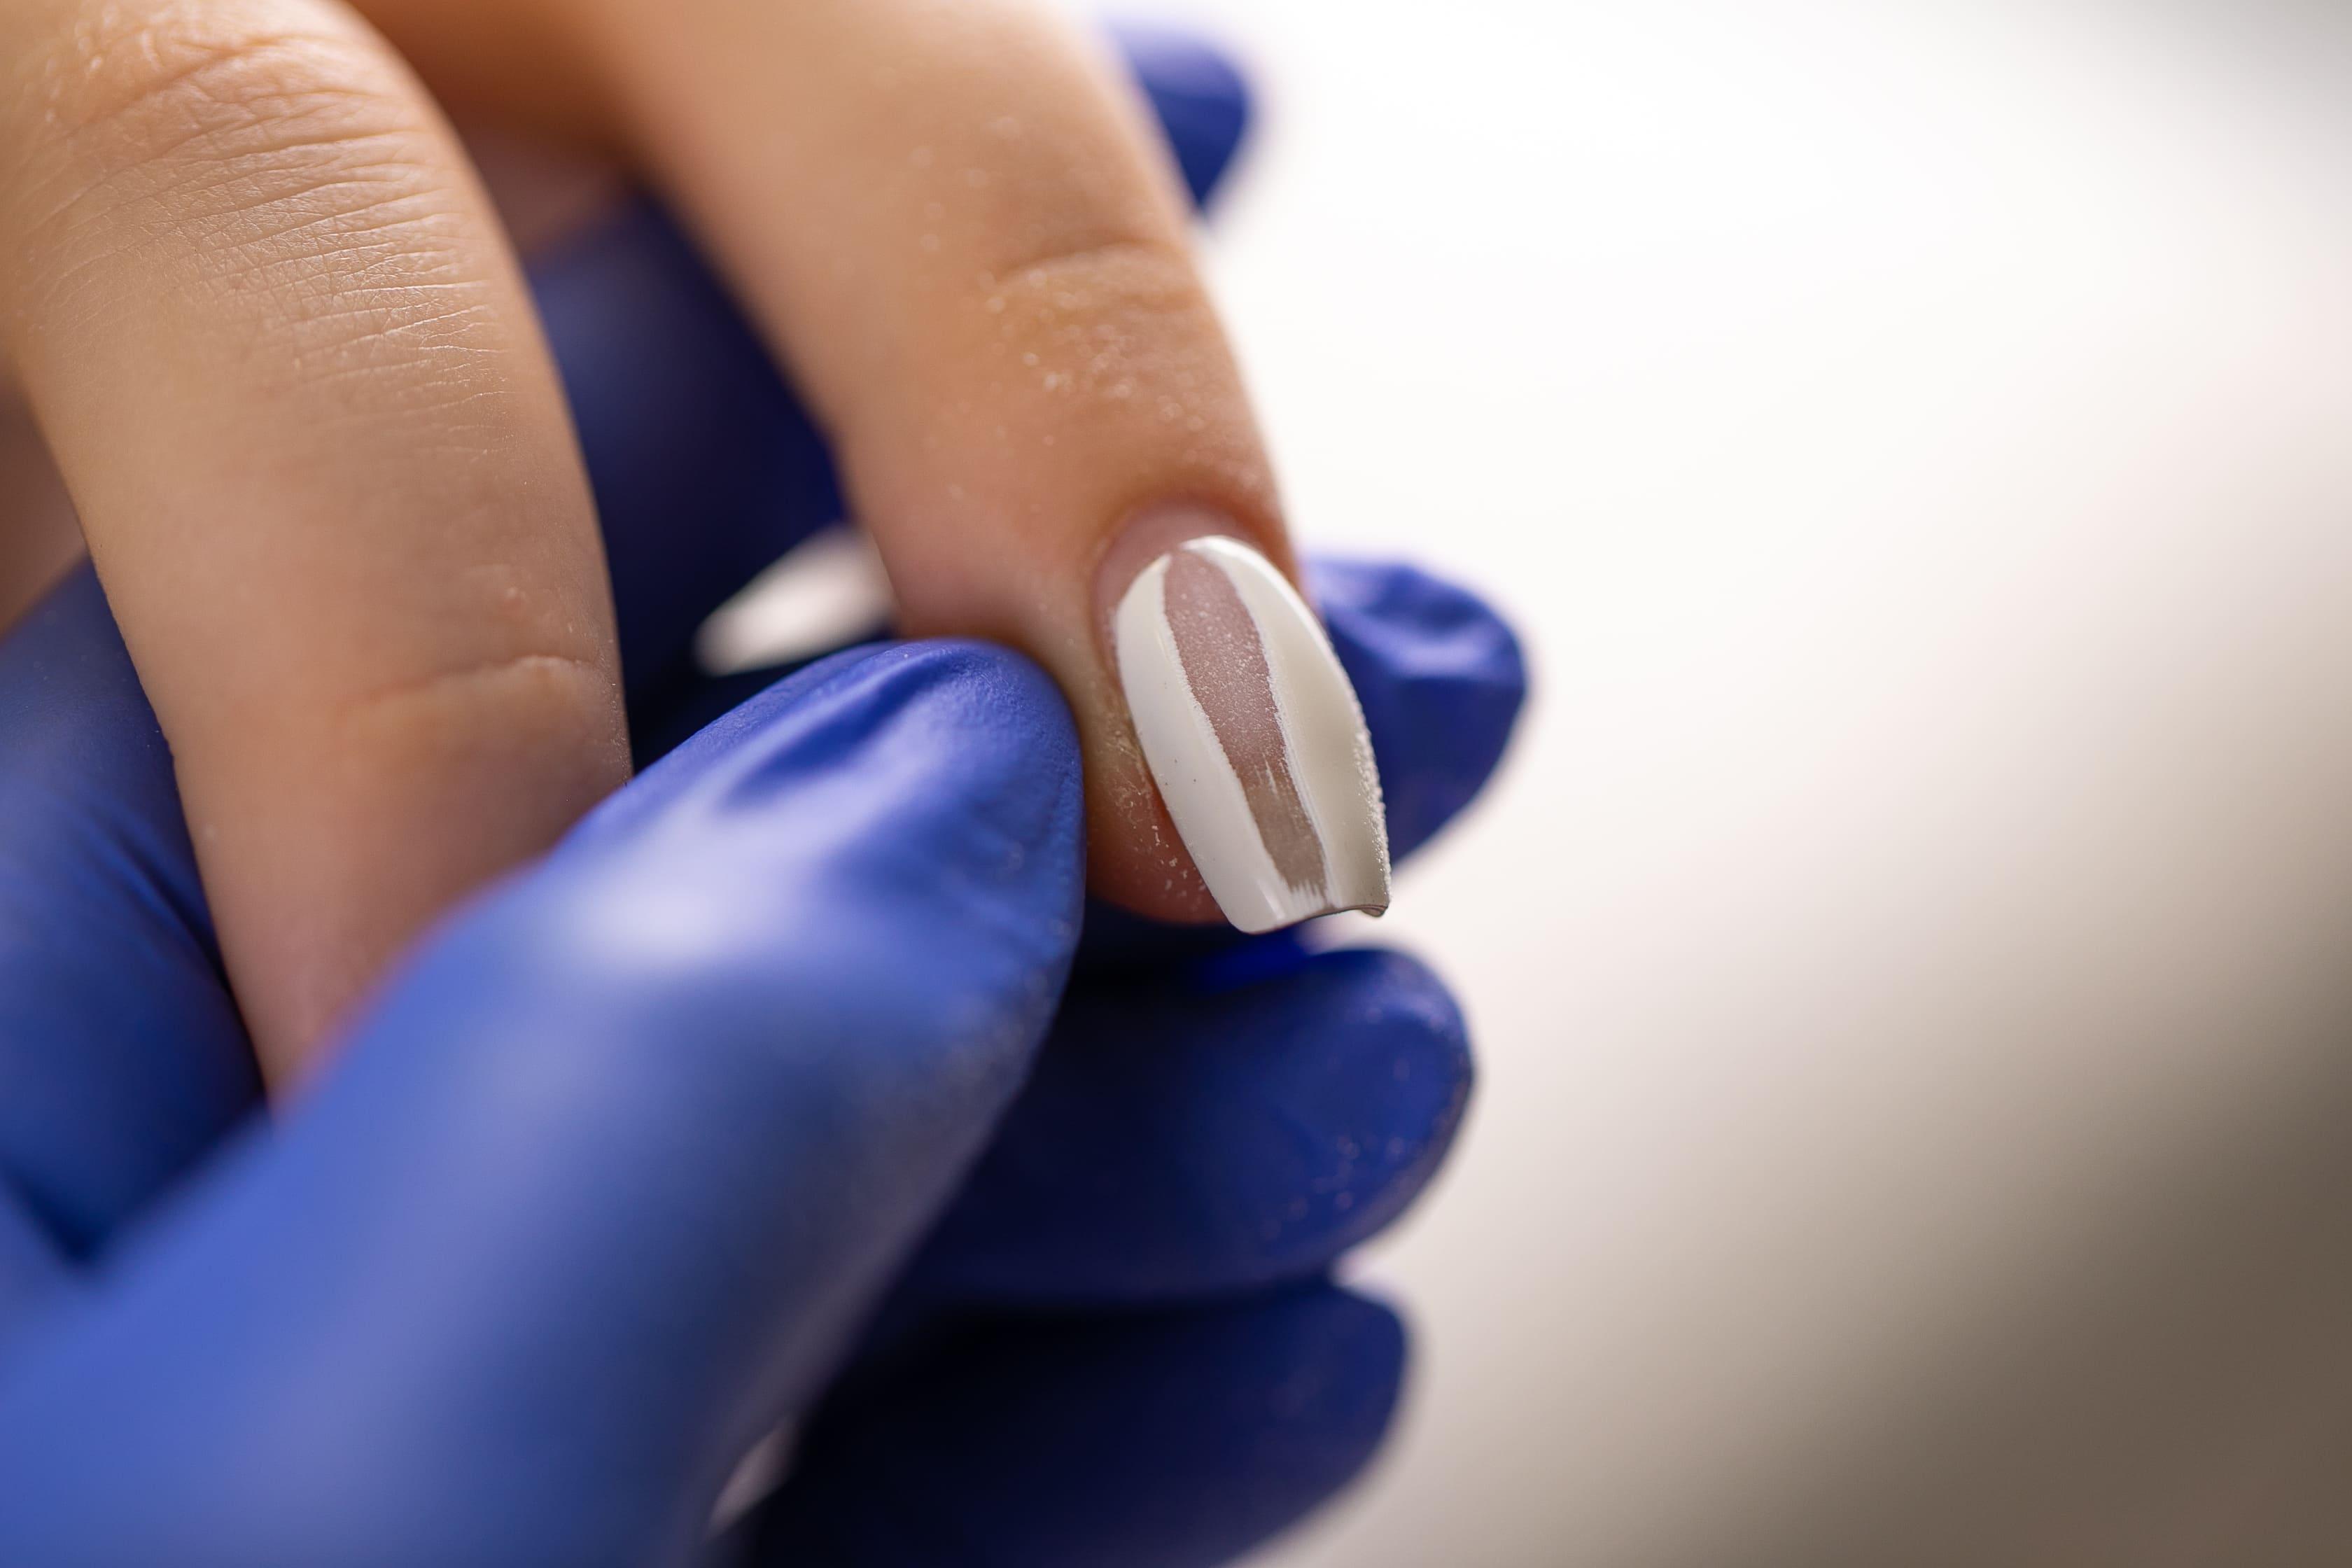 Гель-лак портит ногти: миф или реальность